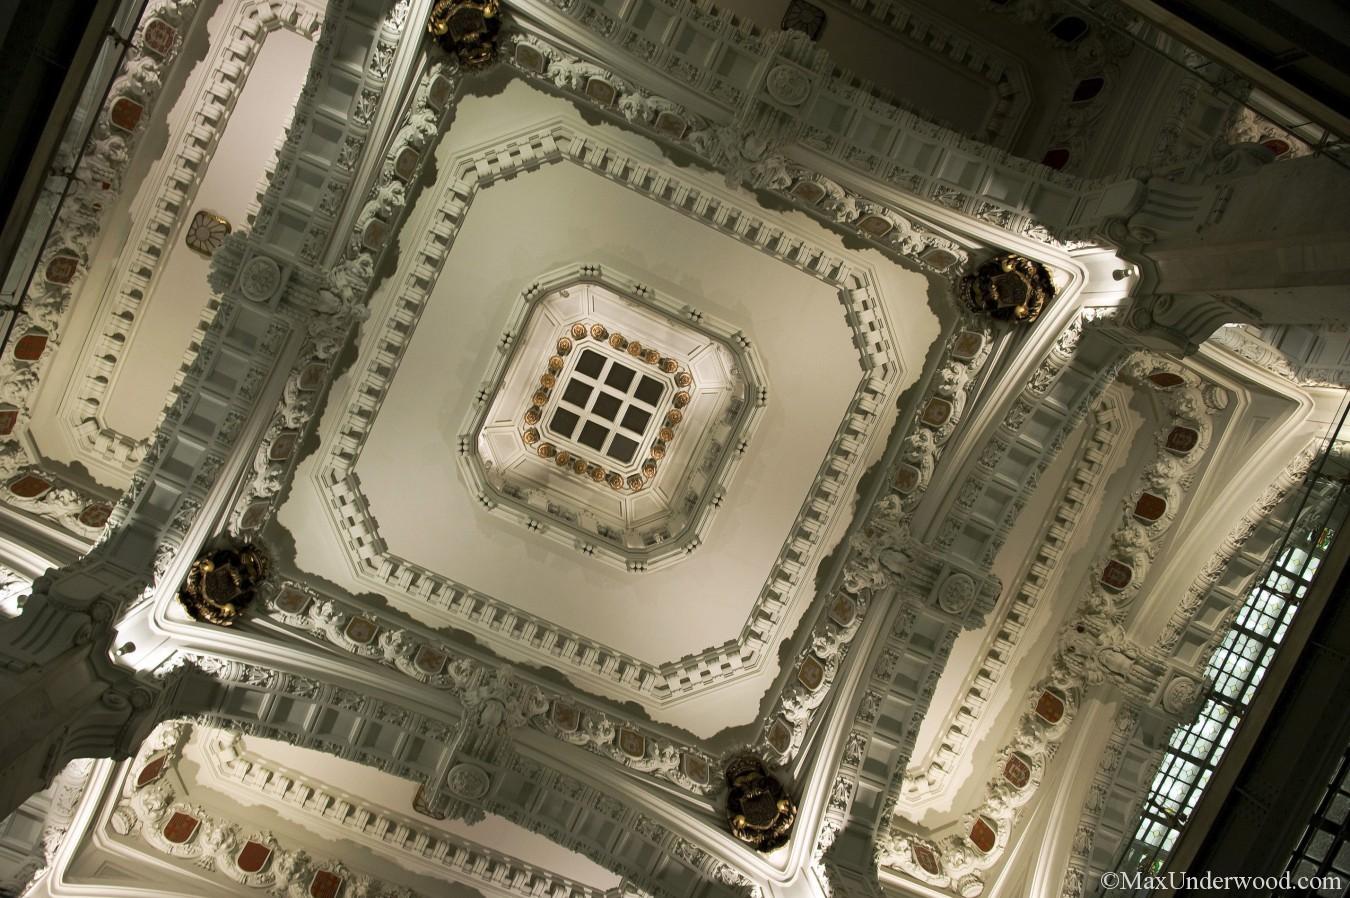 Ceiling of Plaza de Cibeles, Madrid Spain, Palacio de Comunicaciones